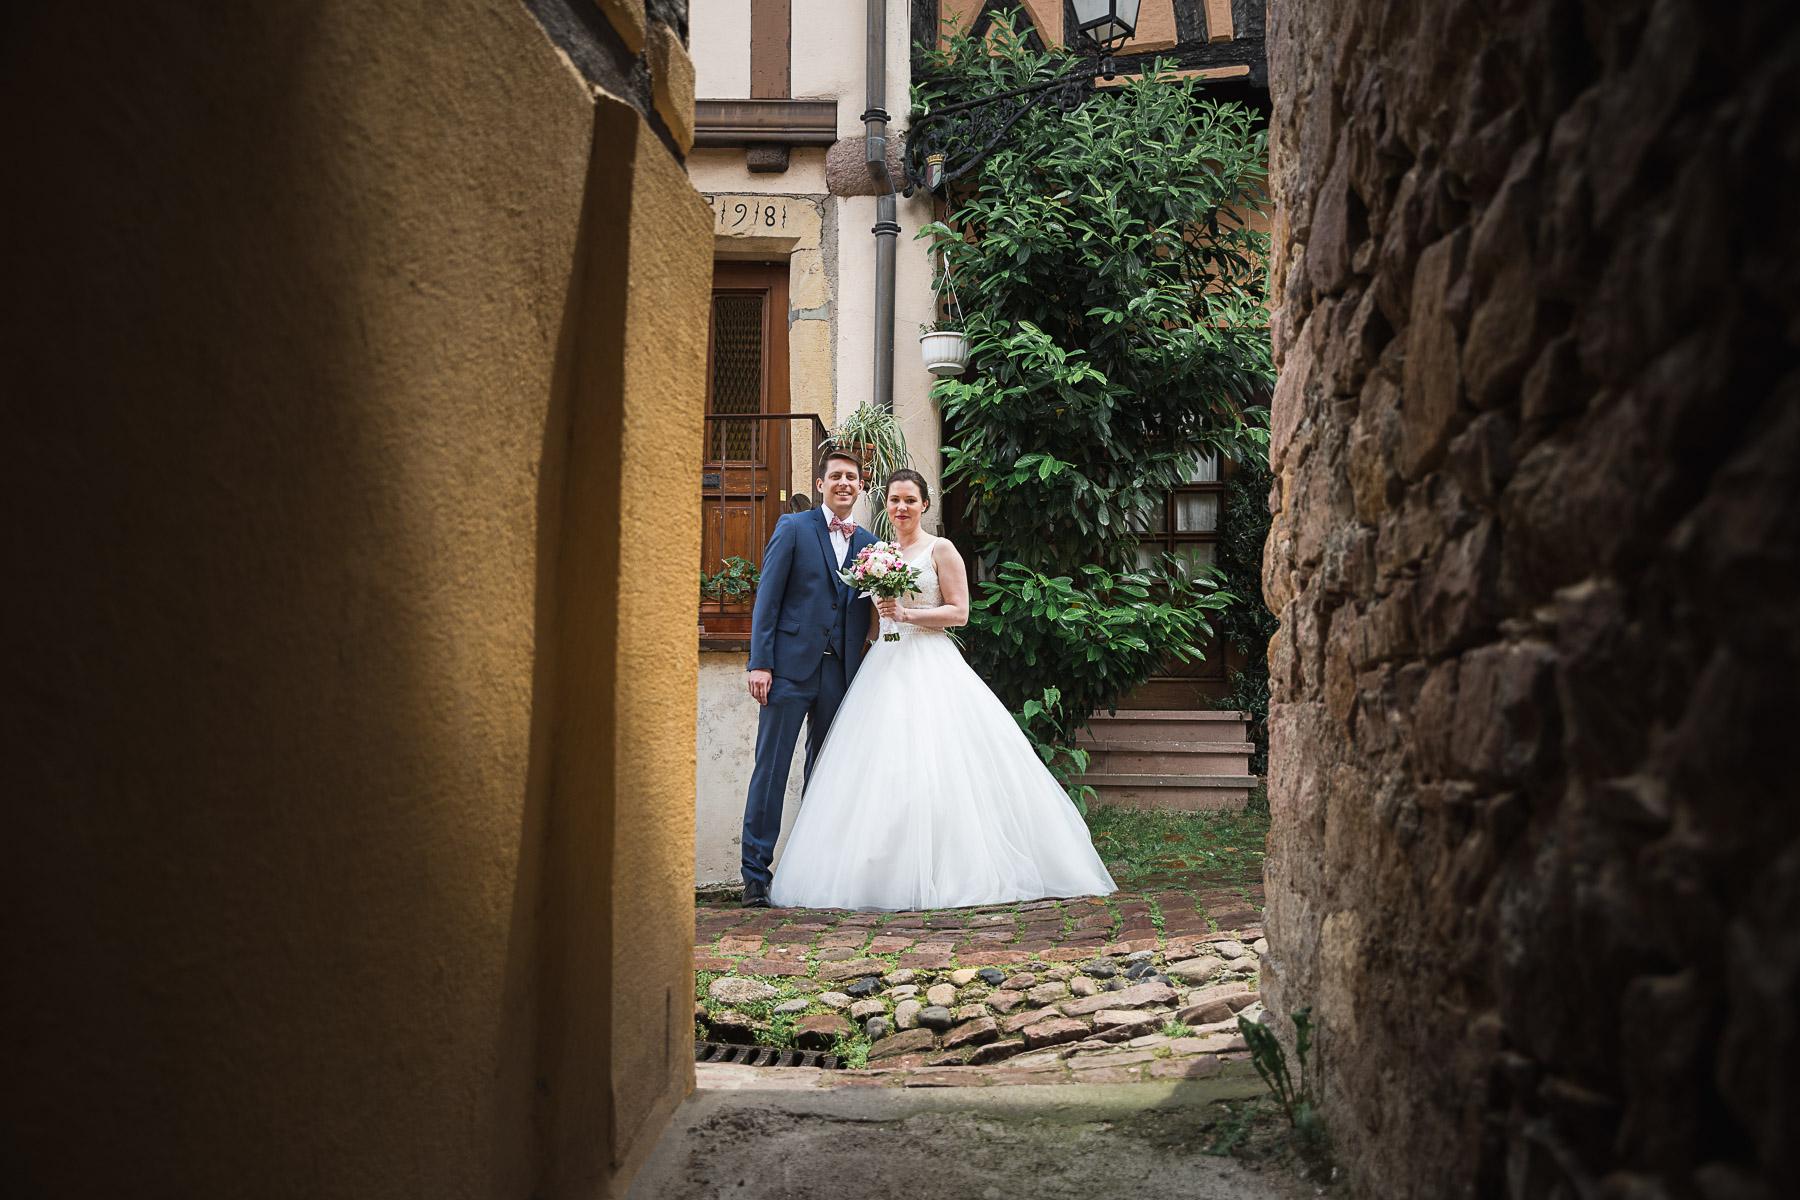 Des photos magnifiques… - De Delphine , mariée en Mai 2019★★★★★Nous recommandons vivement Laurent comme photographe : à la fois discret et très professionnel, il a réalisé de sublimes photos de notre mariage. Tout au long de la journée, il s'est montré disponible et à l'écoute. Il avait effectué un repérage en amont de la journée, ce qui nous a permis d'avoir une séance de photo de couple très agréable et avec un très beau rendu.Nous avons reçu beaucoup de compliments de la part de nos invités, non seulement pour les photos, mais aussi pour la gentillesse de Laurent.